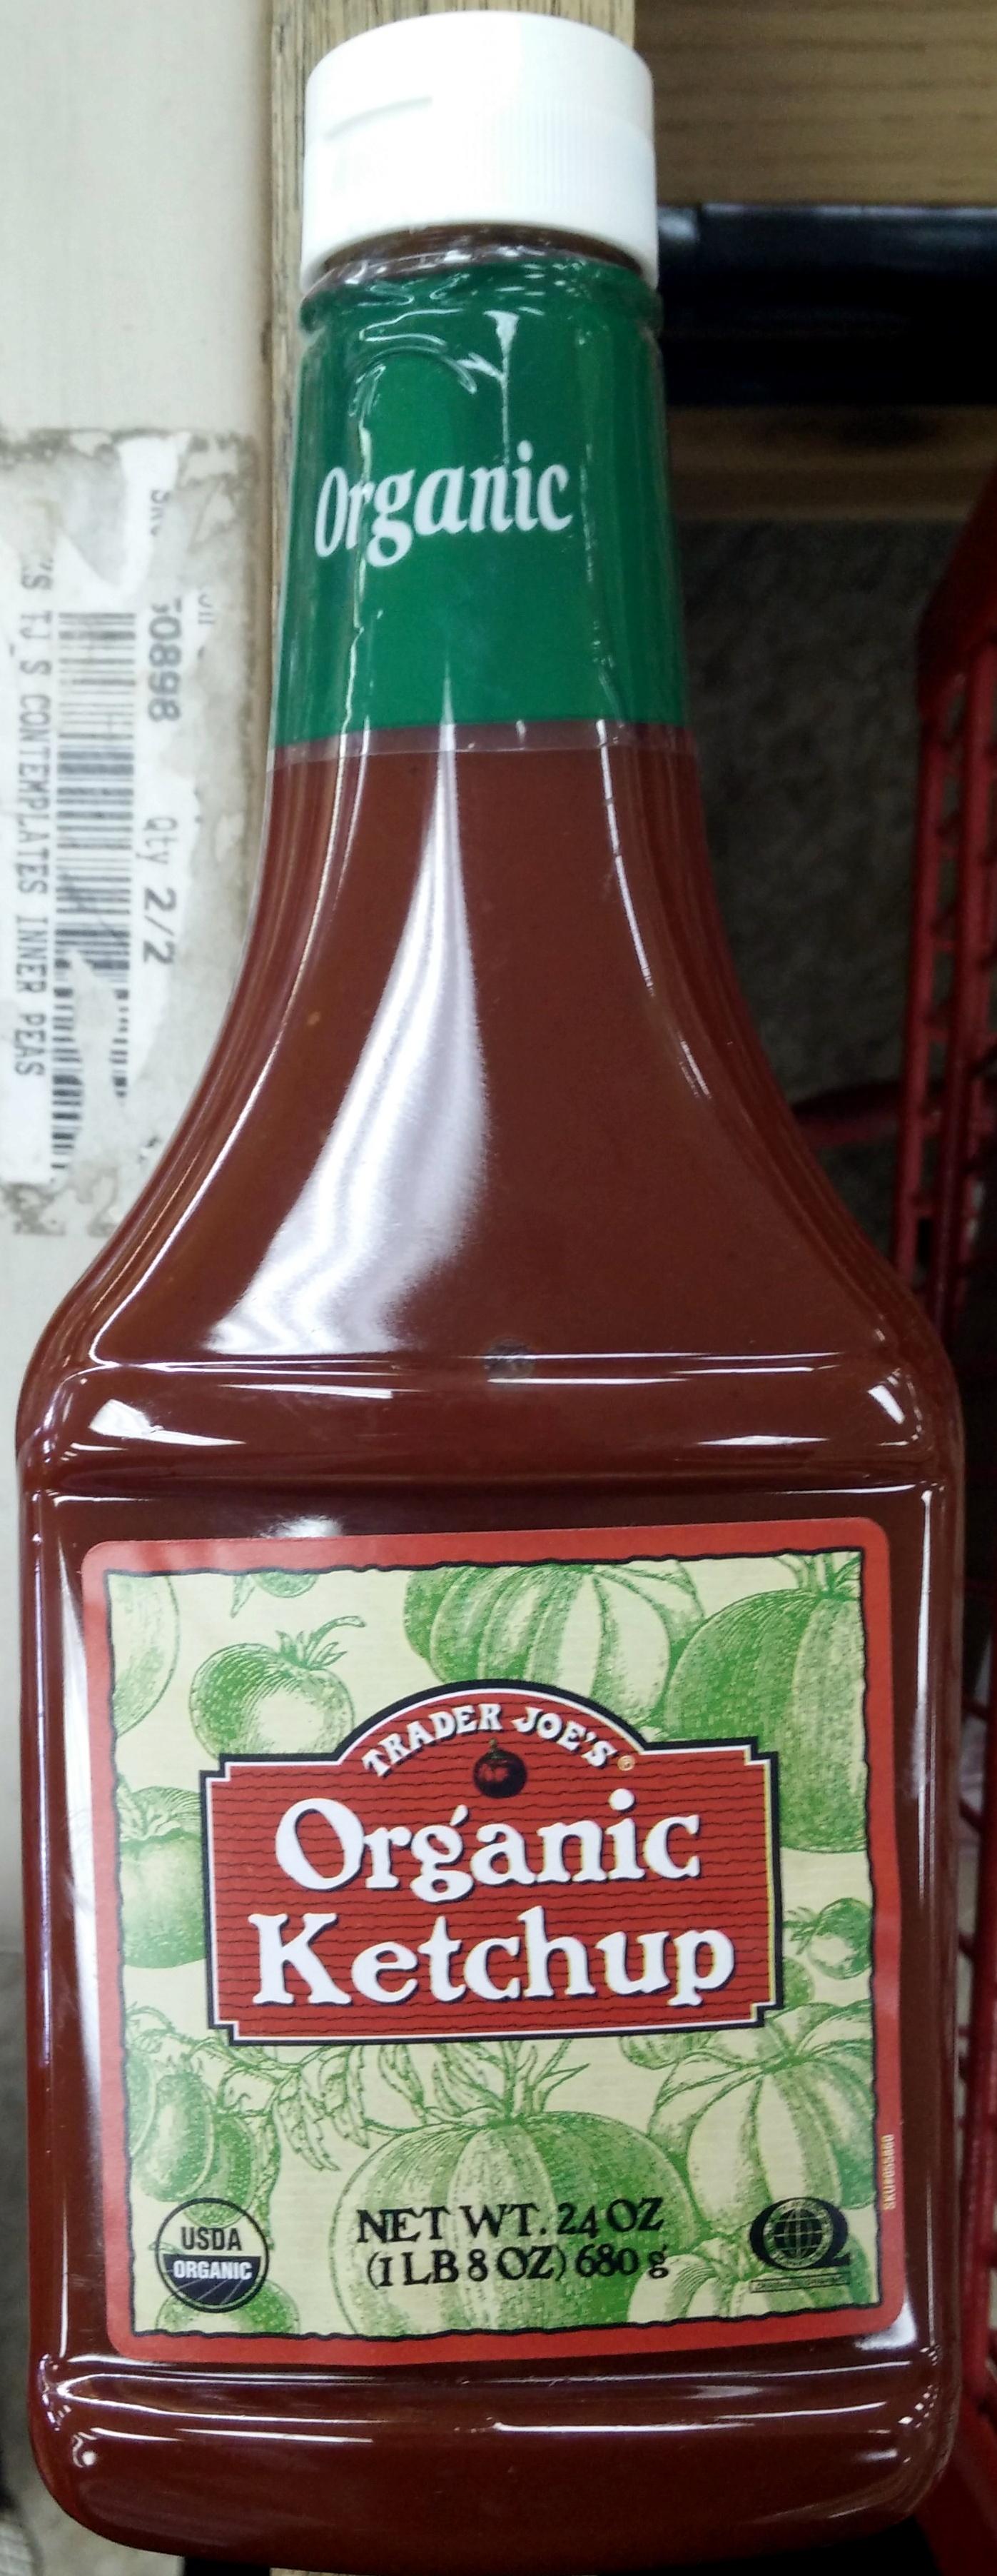 Organic Ketchup - Product